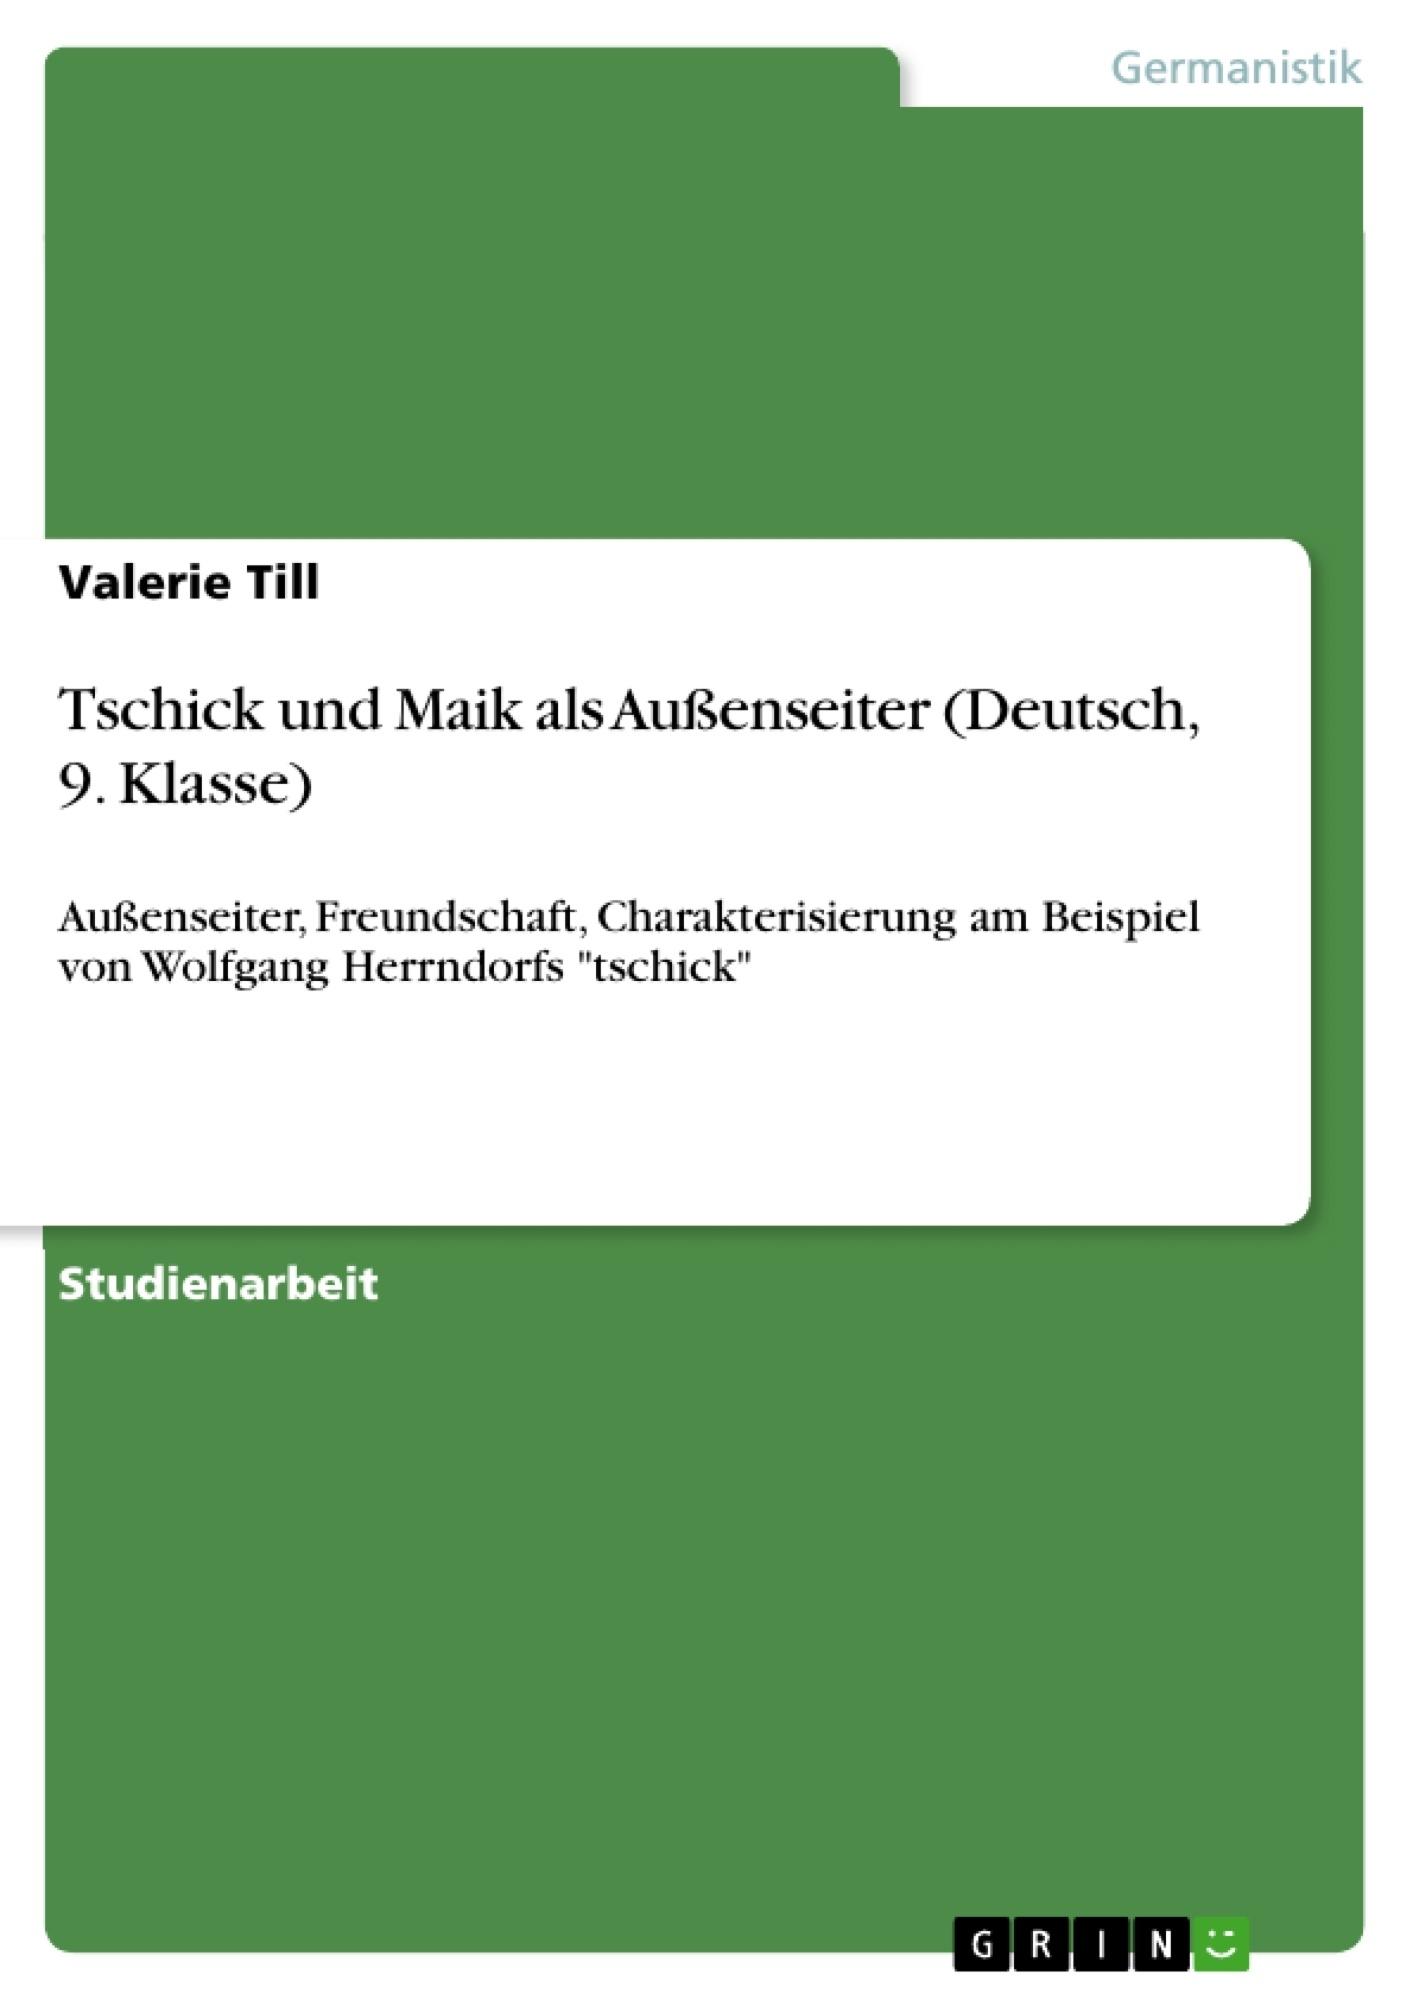 Titel: Tschick und Maik als Außenseiter (Deutsch, 9. Klasse)